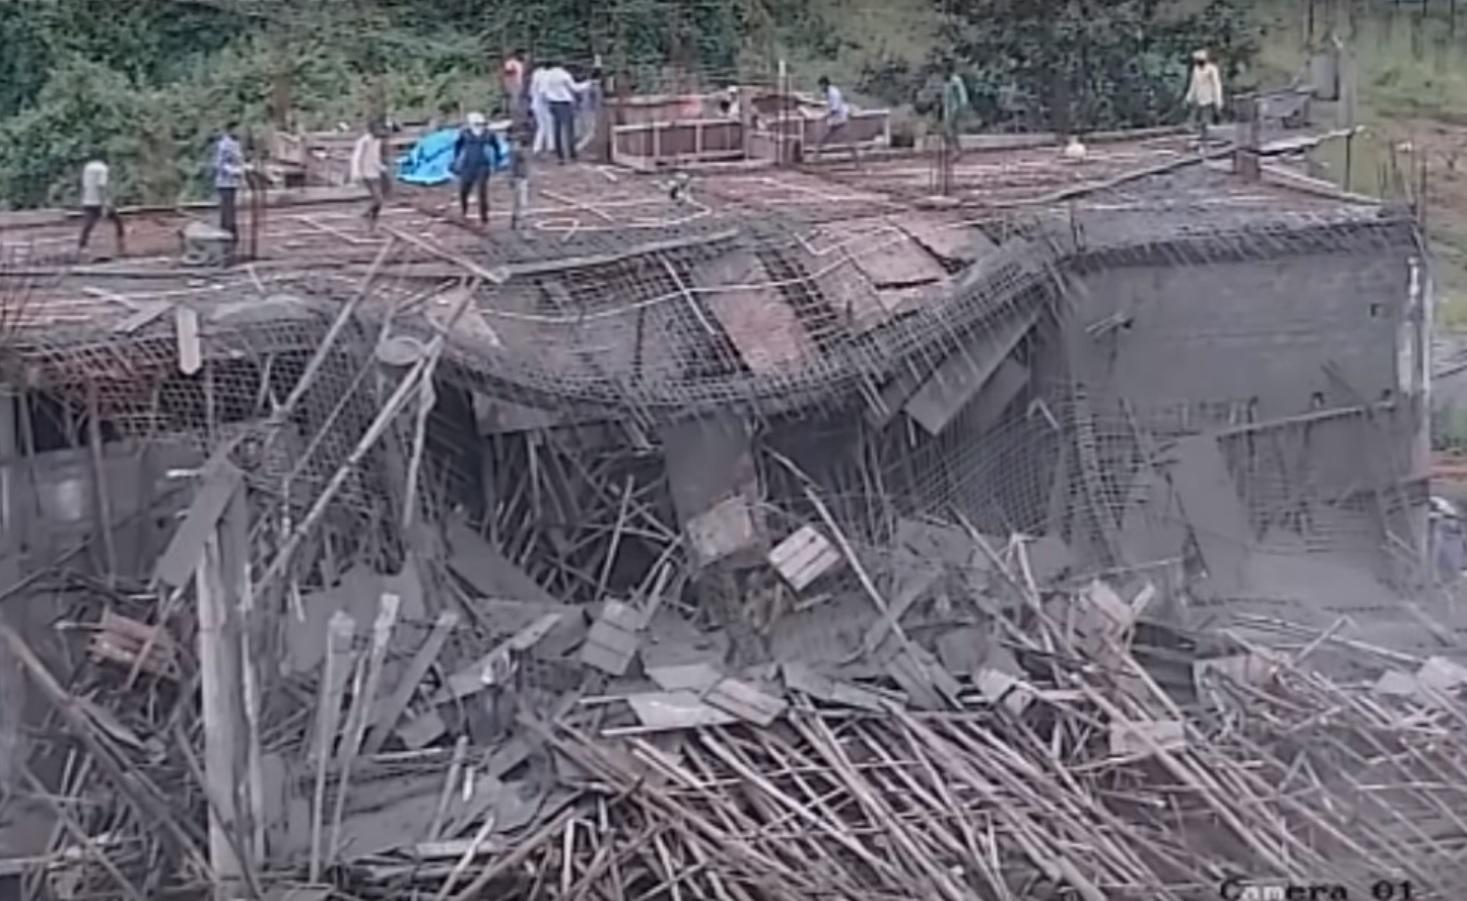 Vidéo : Spectaculaire, un immeuble en chantier s'écroule alors que les ouvriers sont toujours occupés !